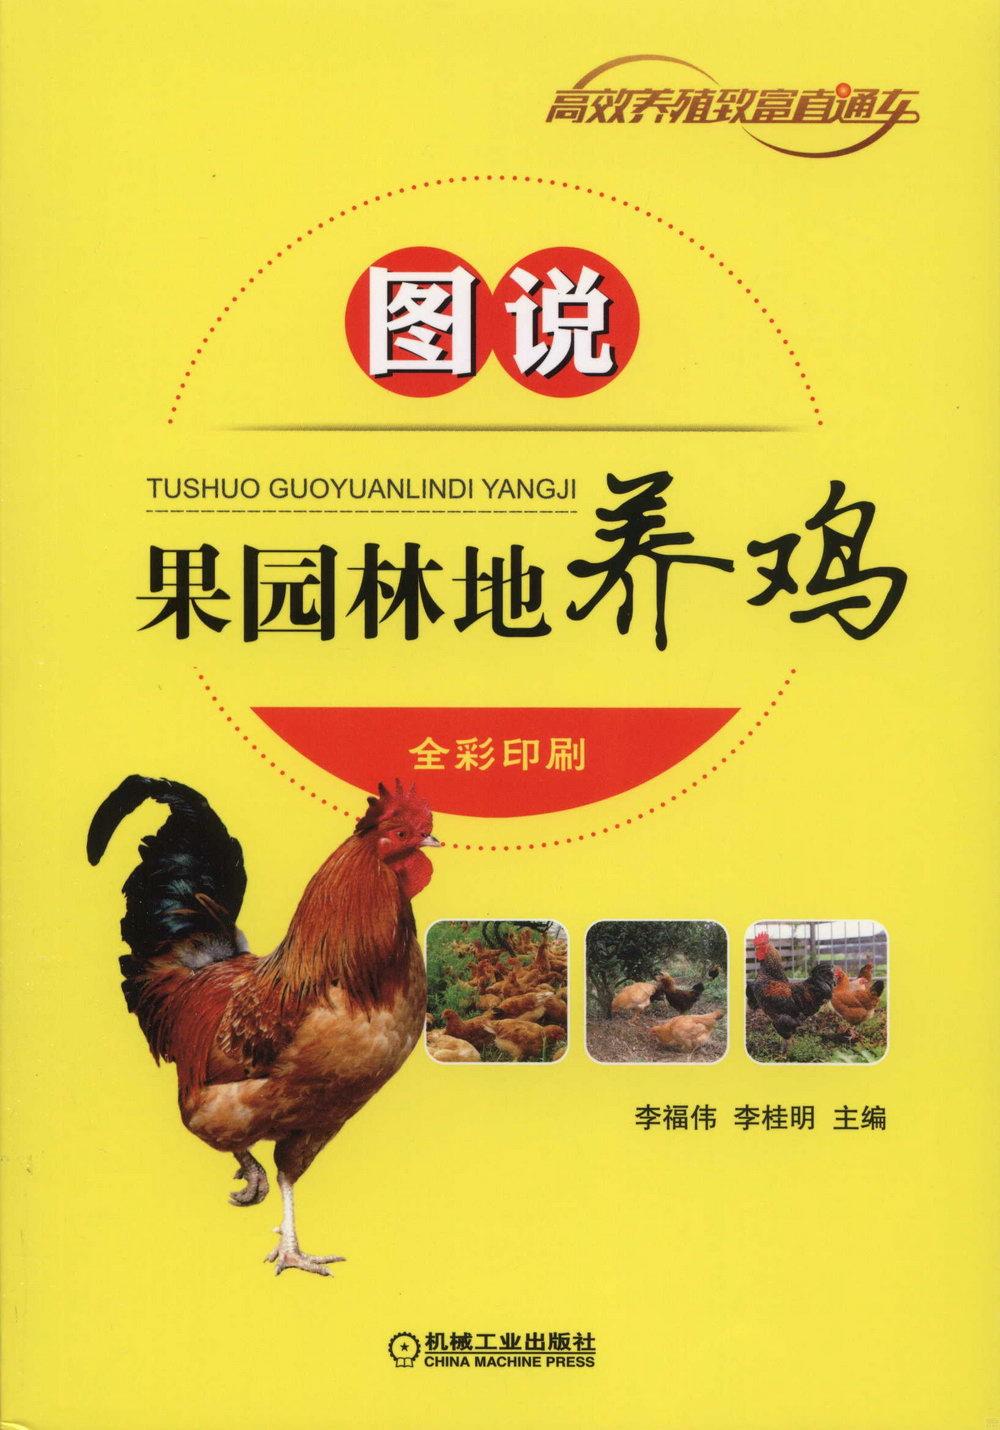 圖說果園林地養雞 全彩印刷